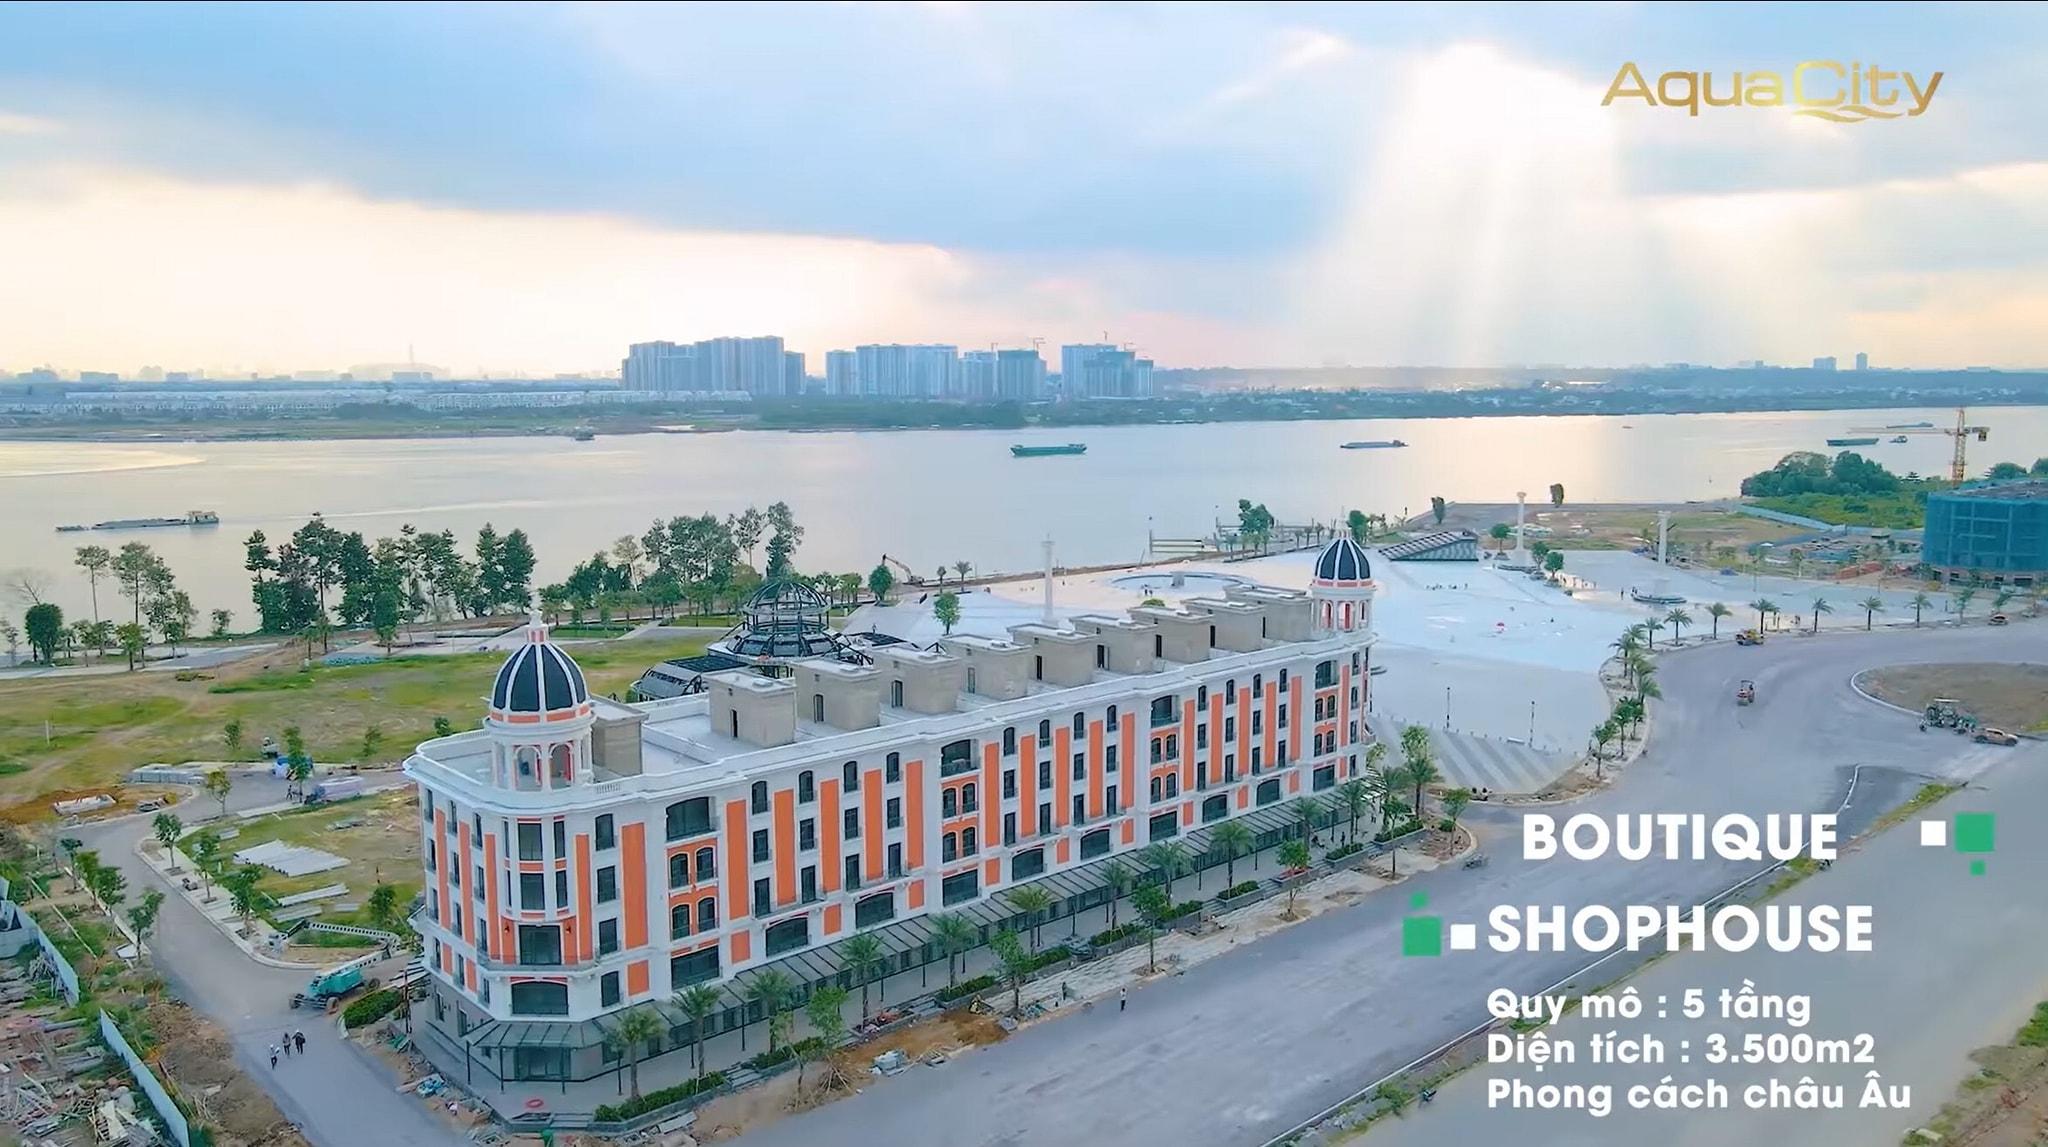 tien-do-aqua-city-thang-8-2021-3